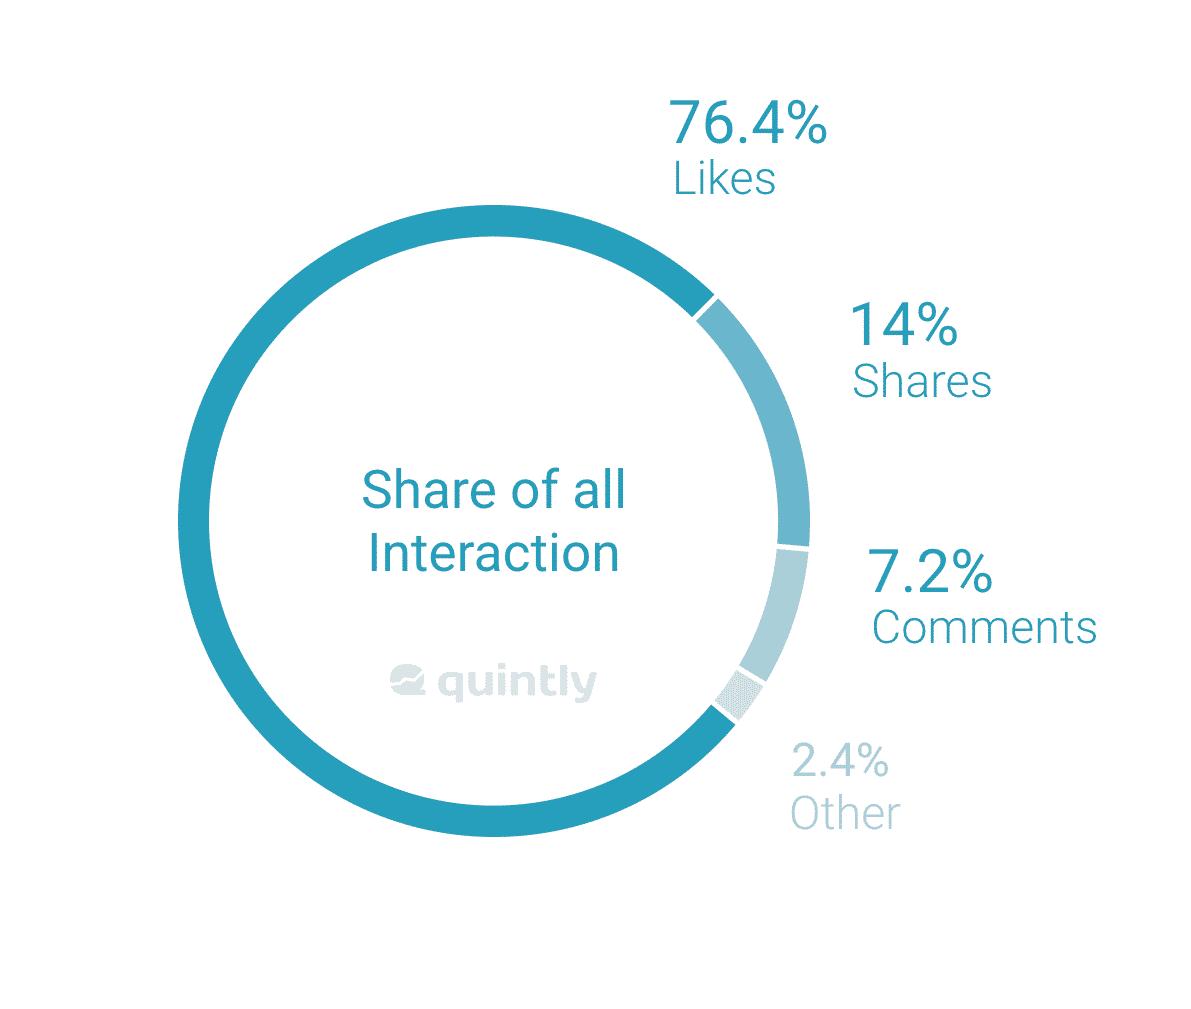 Facebook Reaction Study